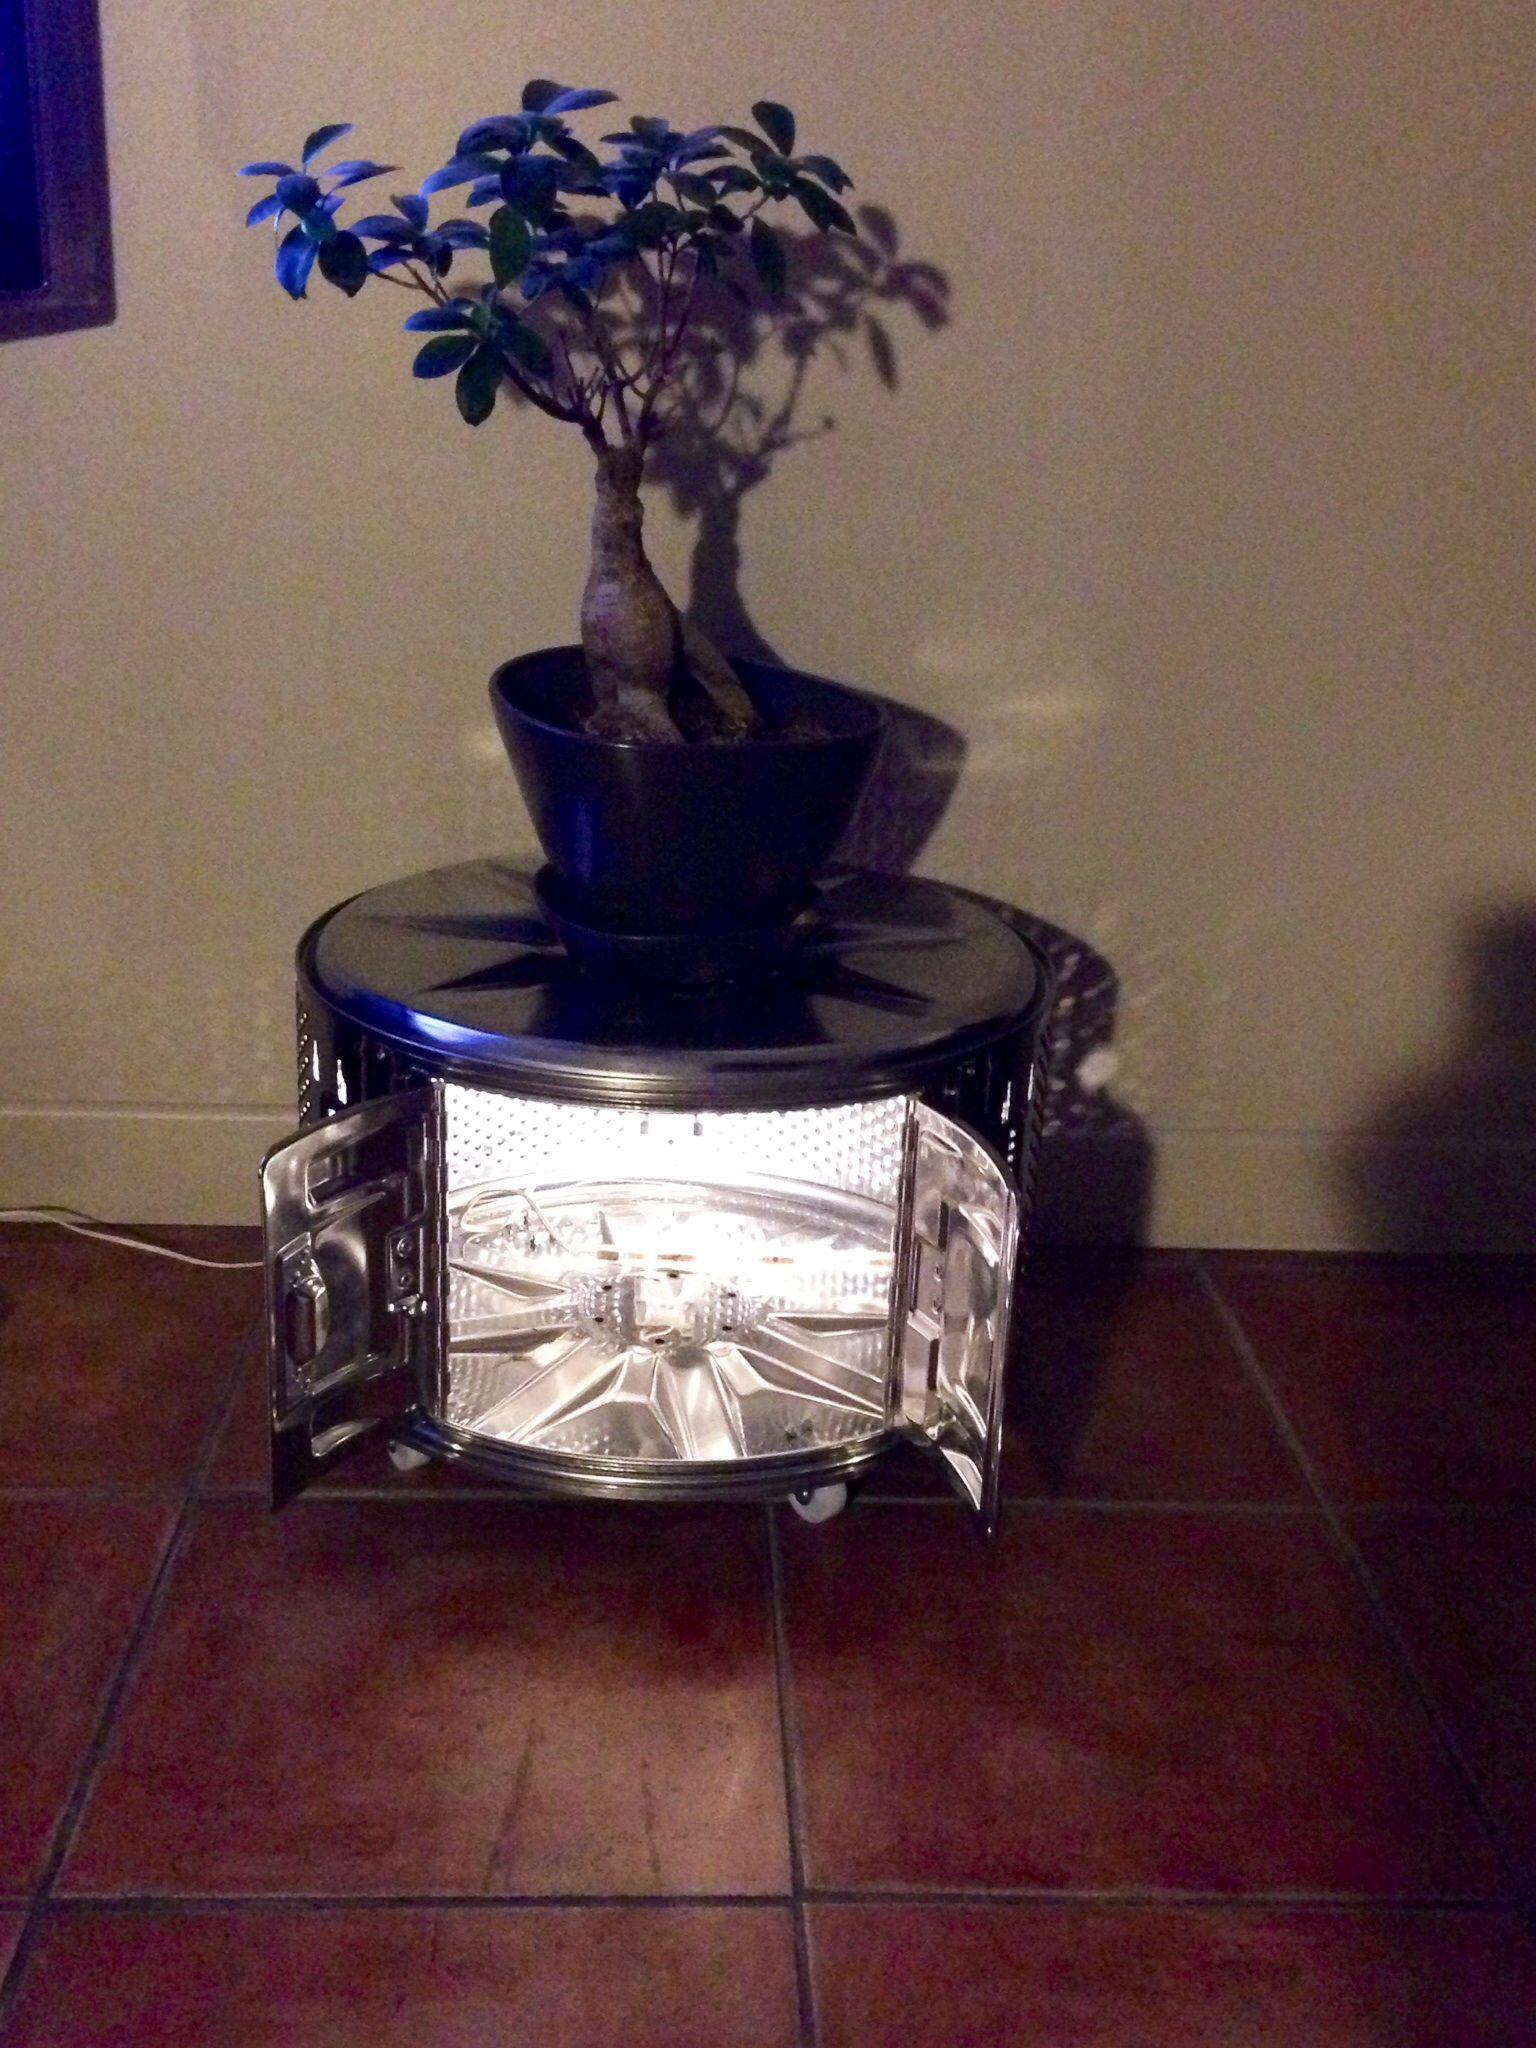 table basse faite a partir d un tambour de machine a laver avec clairage led table basse. Black Bedroom Furniture Sets. Home Design Ideas